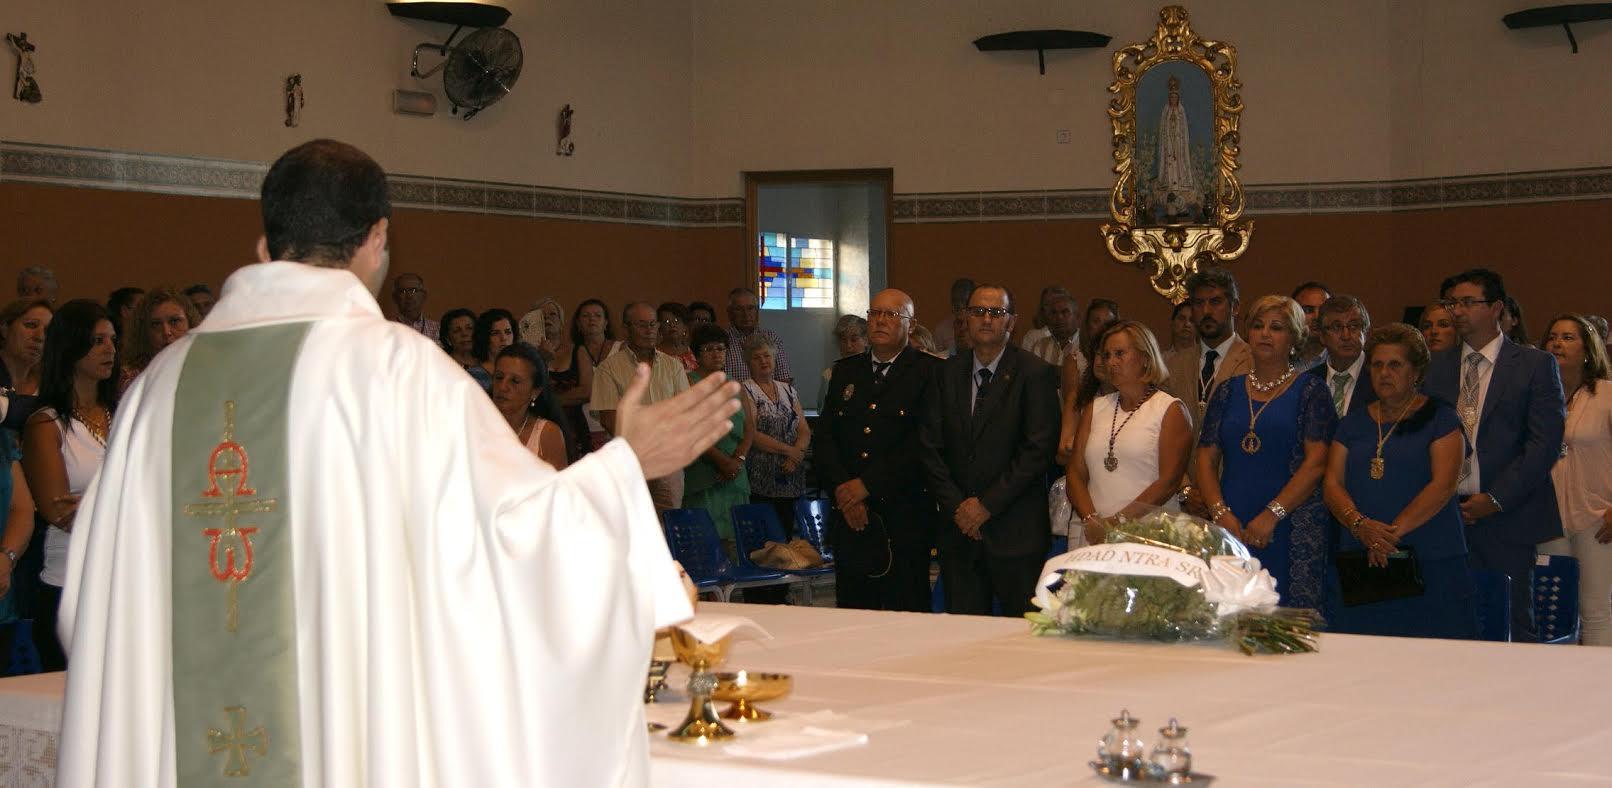 Celebrada la Misa dedicada a sector pesquero en el marco de las Fiestas de la Virgen del Mar